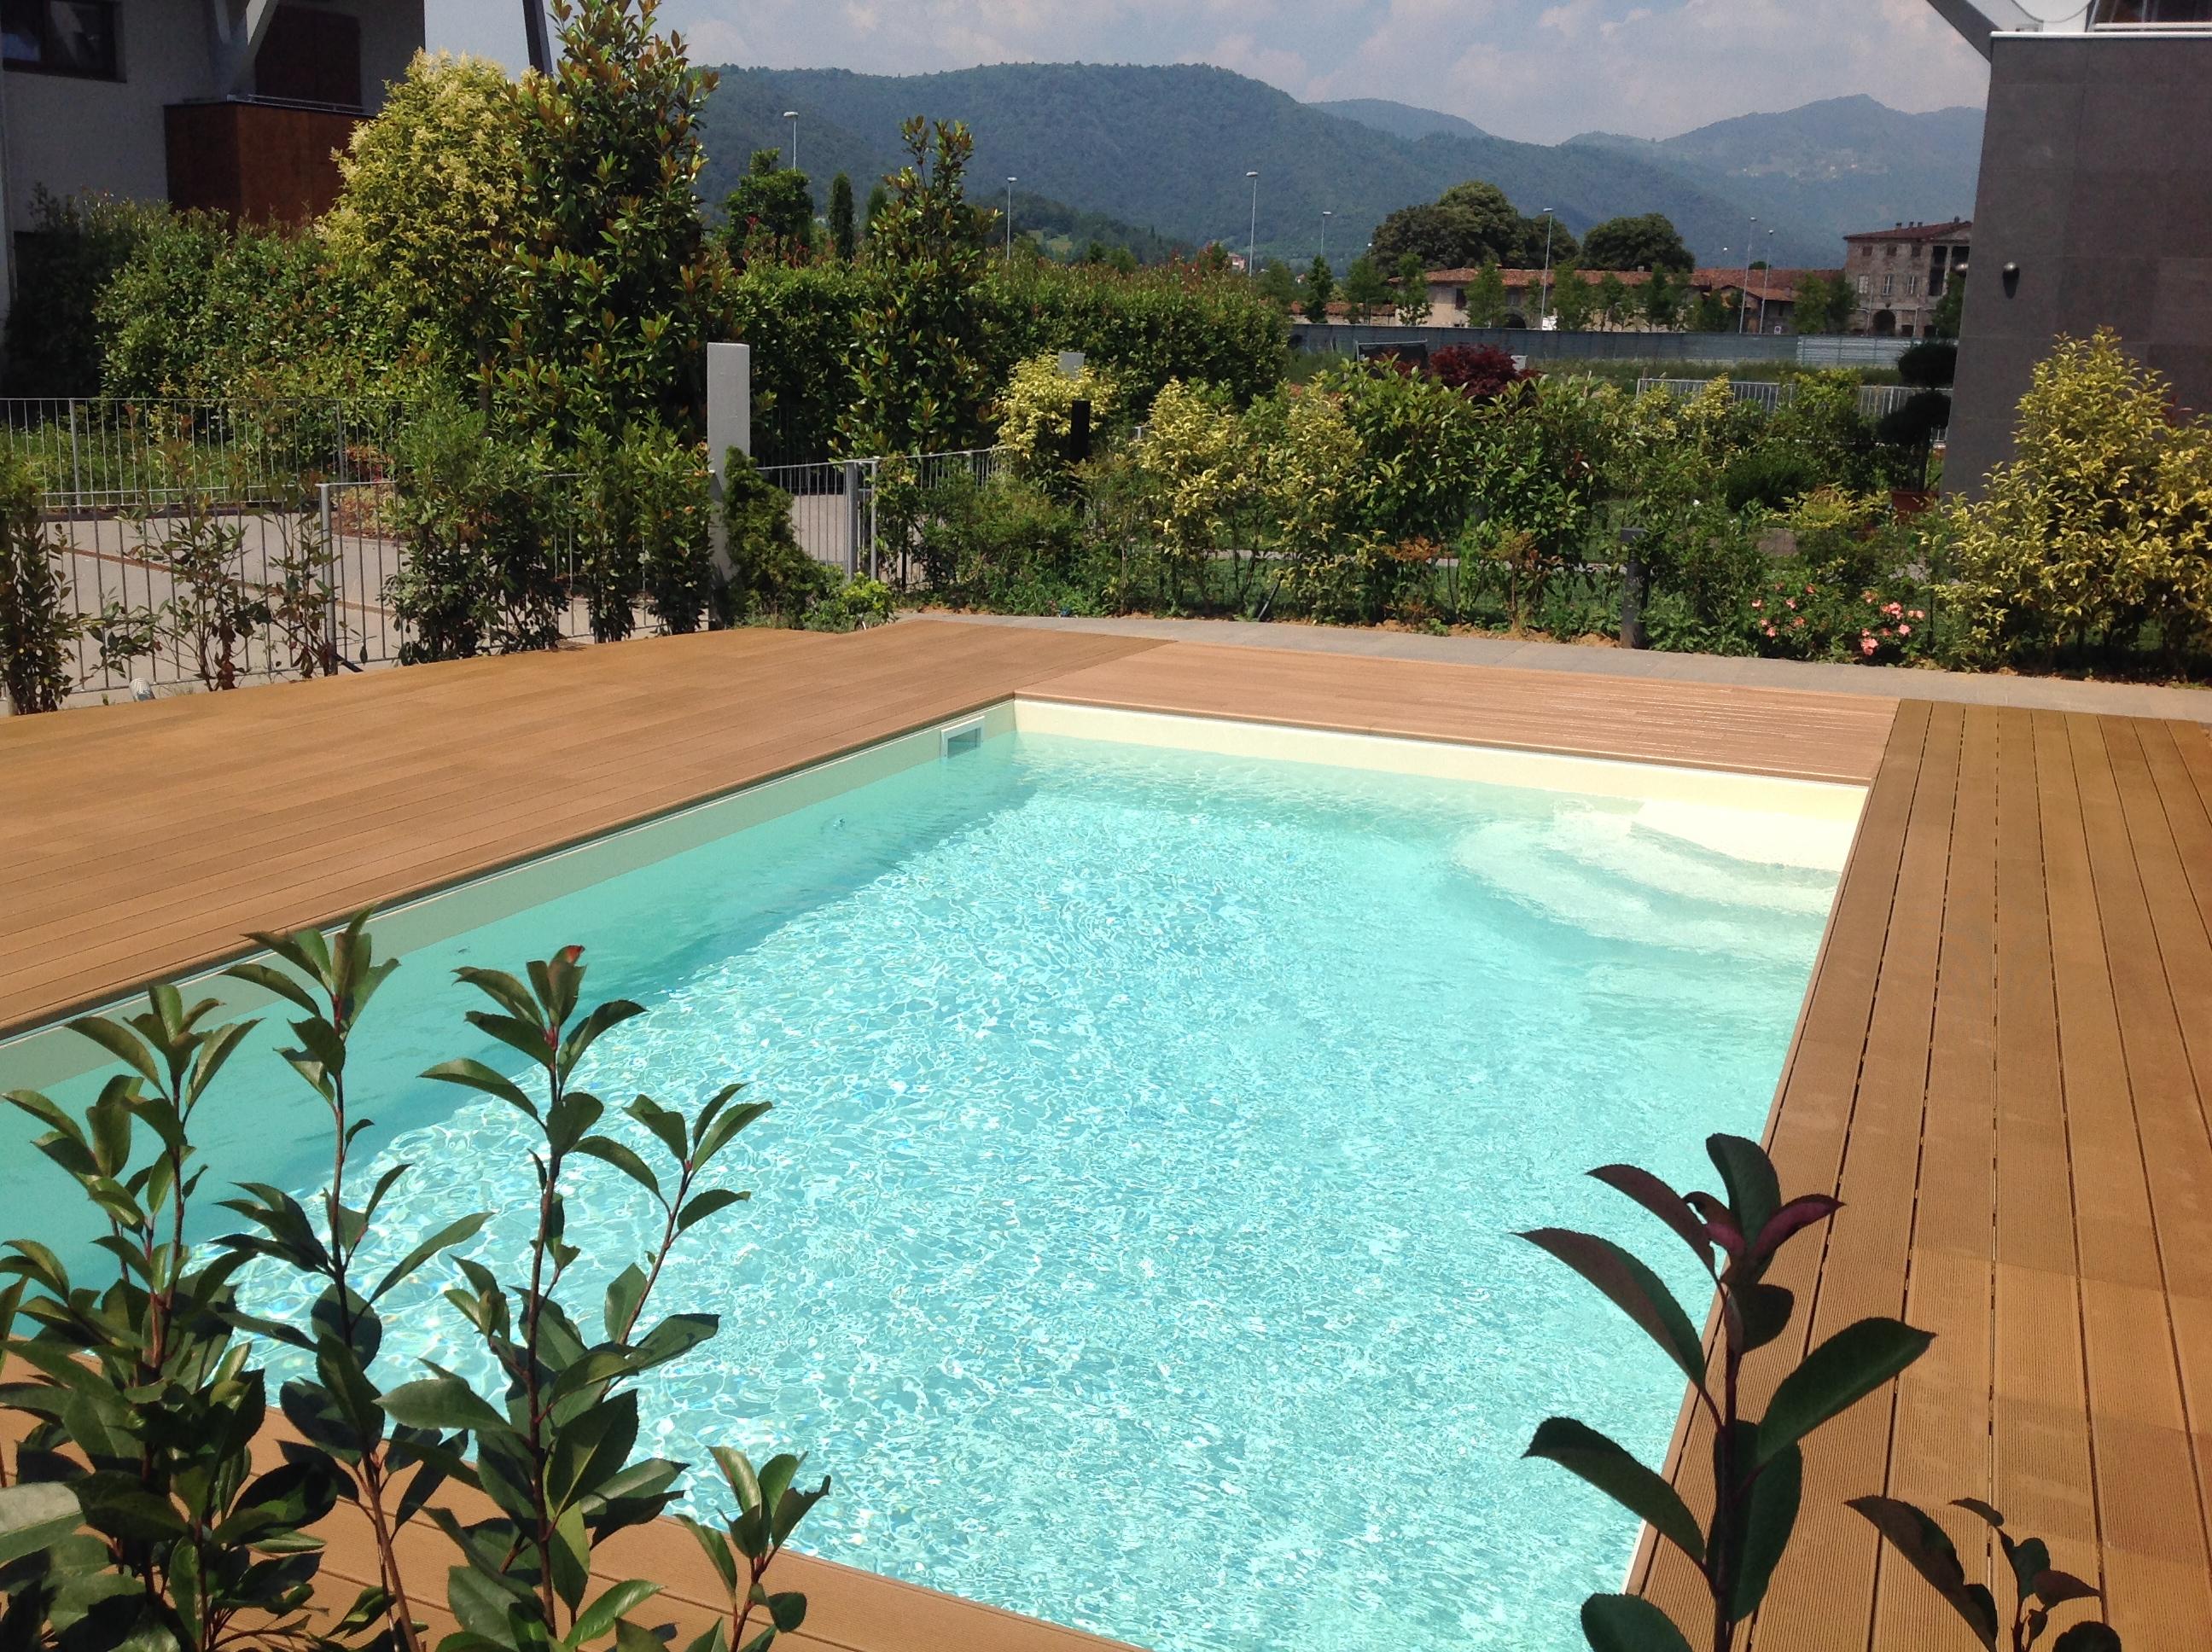 Casa Al Mare Con Piscina Fatela Costruire In Giardino In Terrazza Mare Online